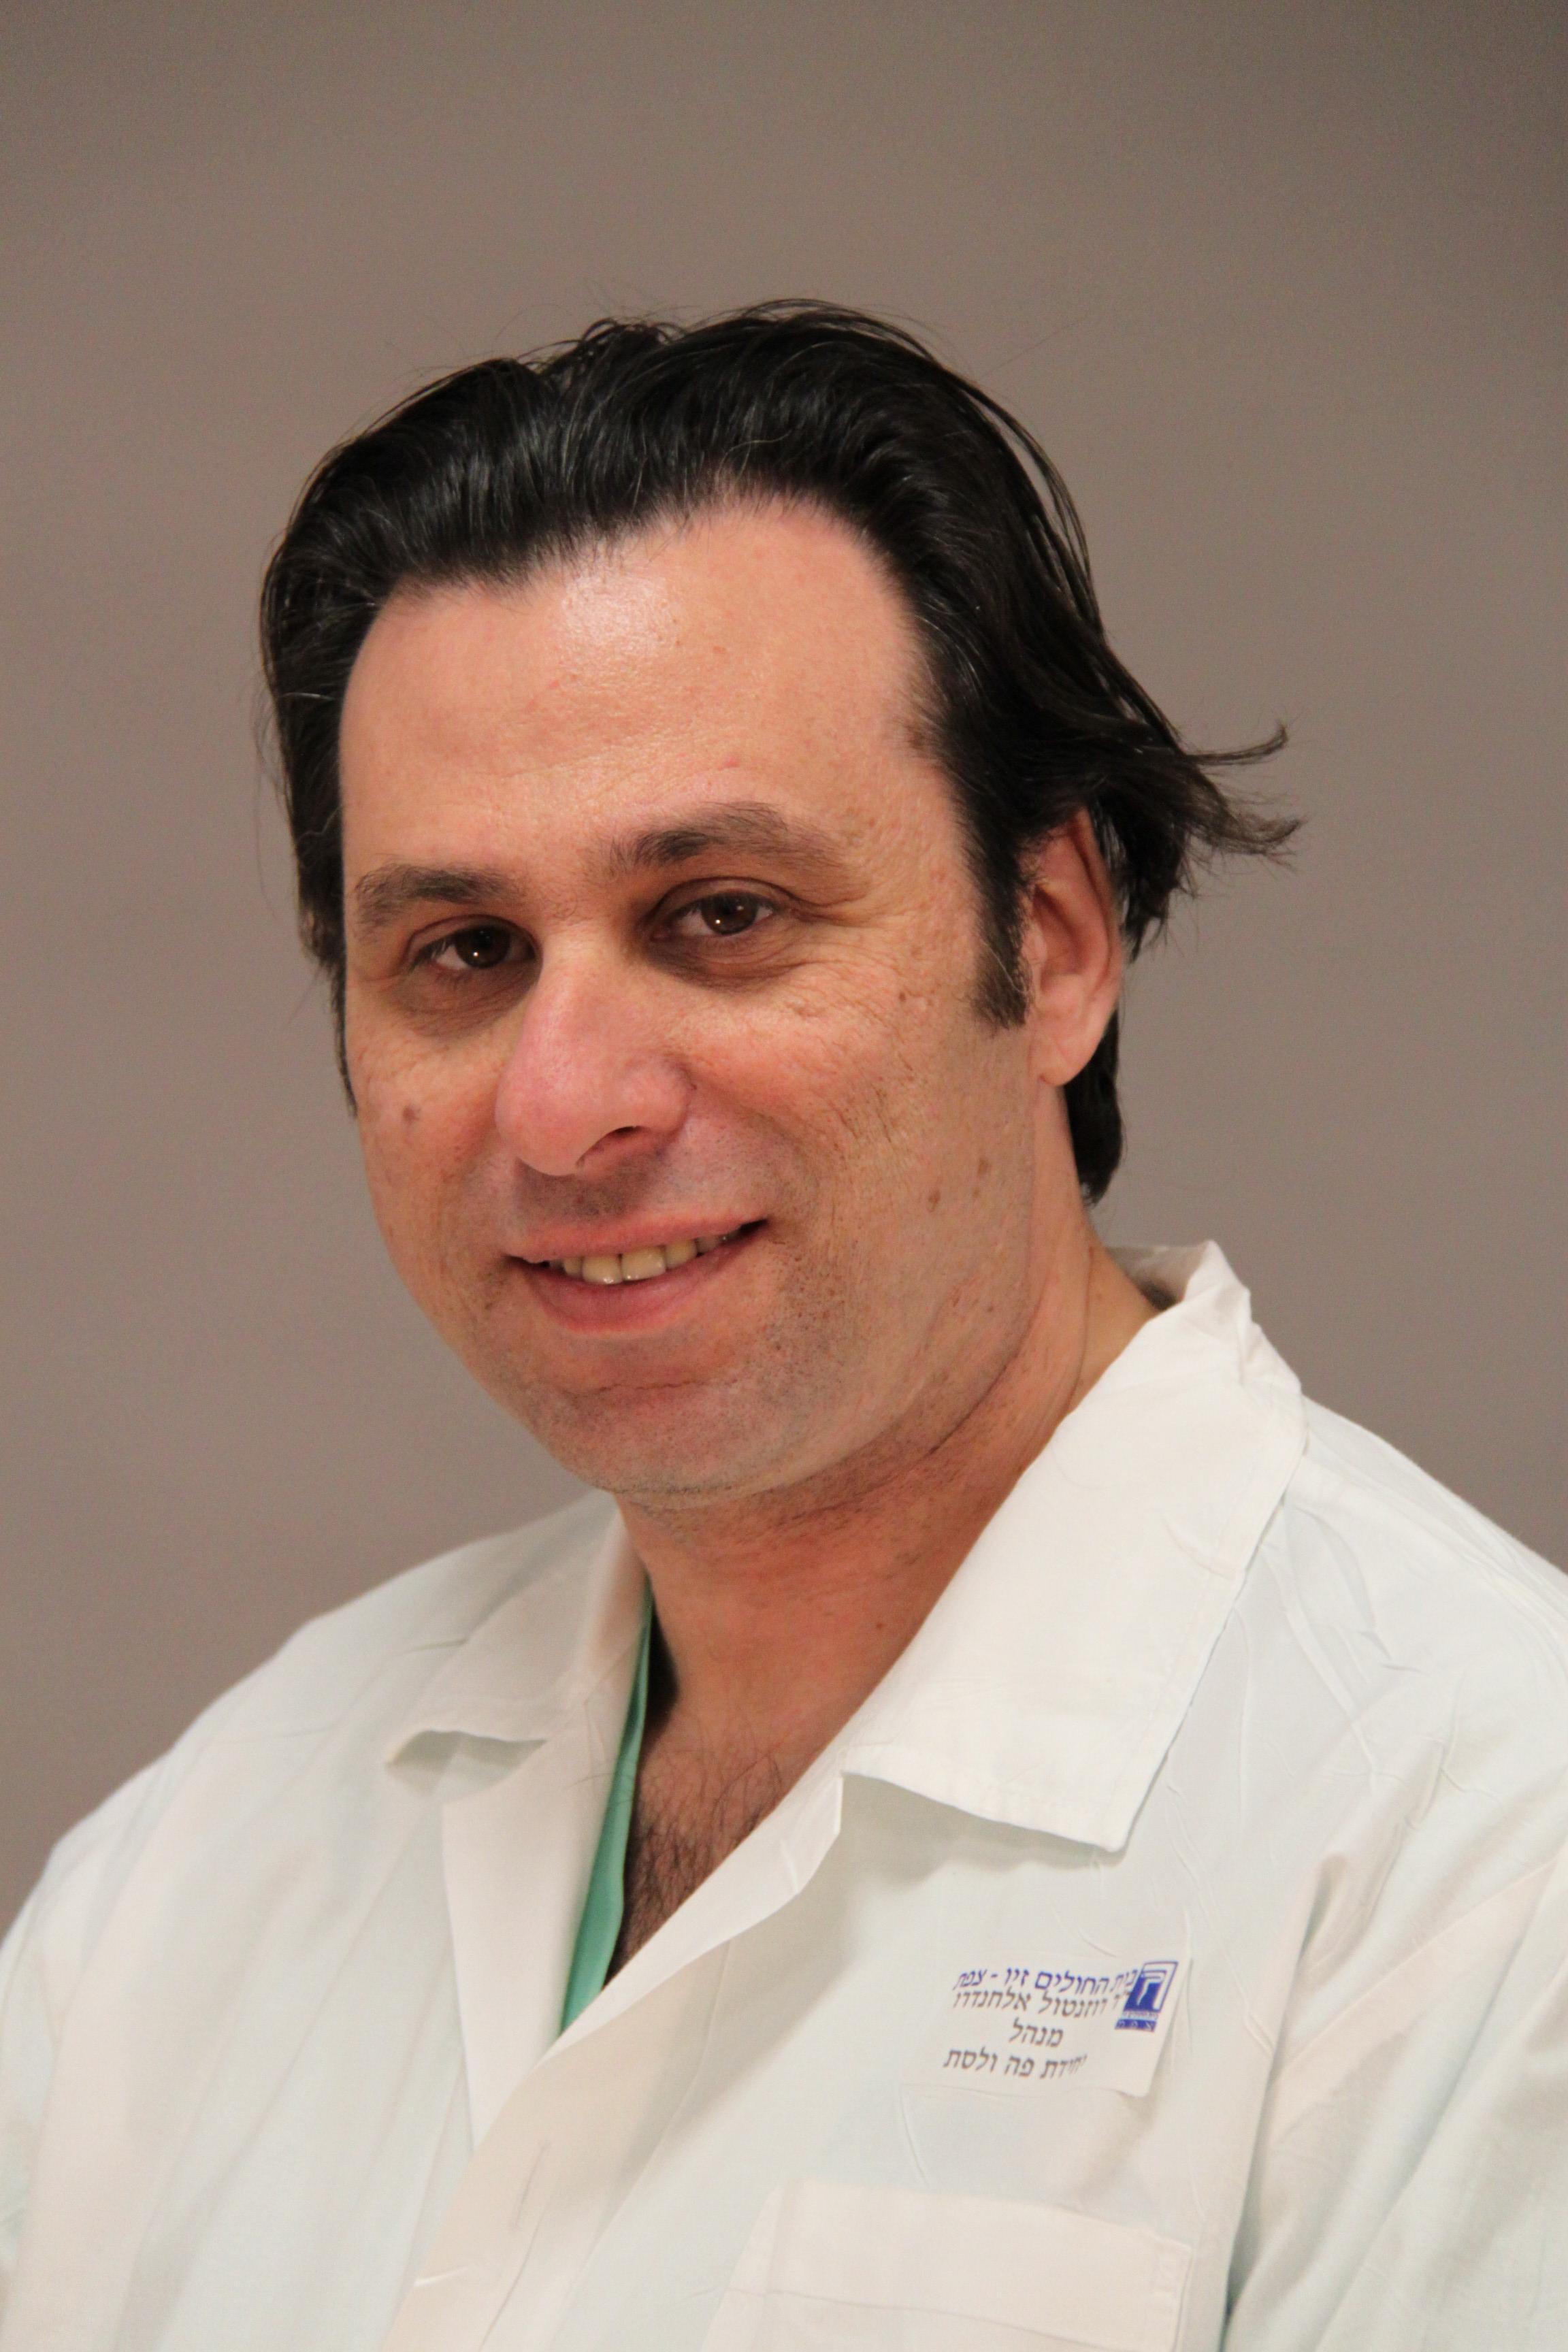 דוקטור אלחנדרו רויזנטול - תמונת פרופיל